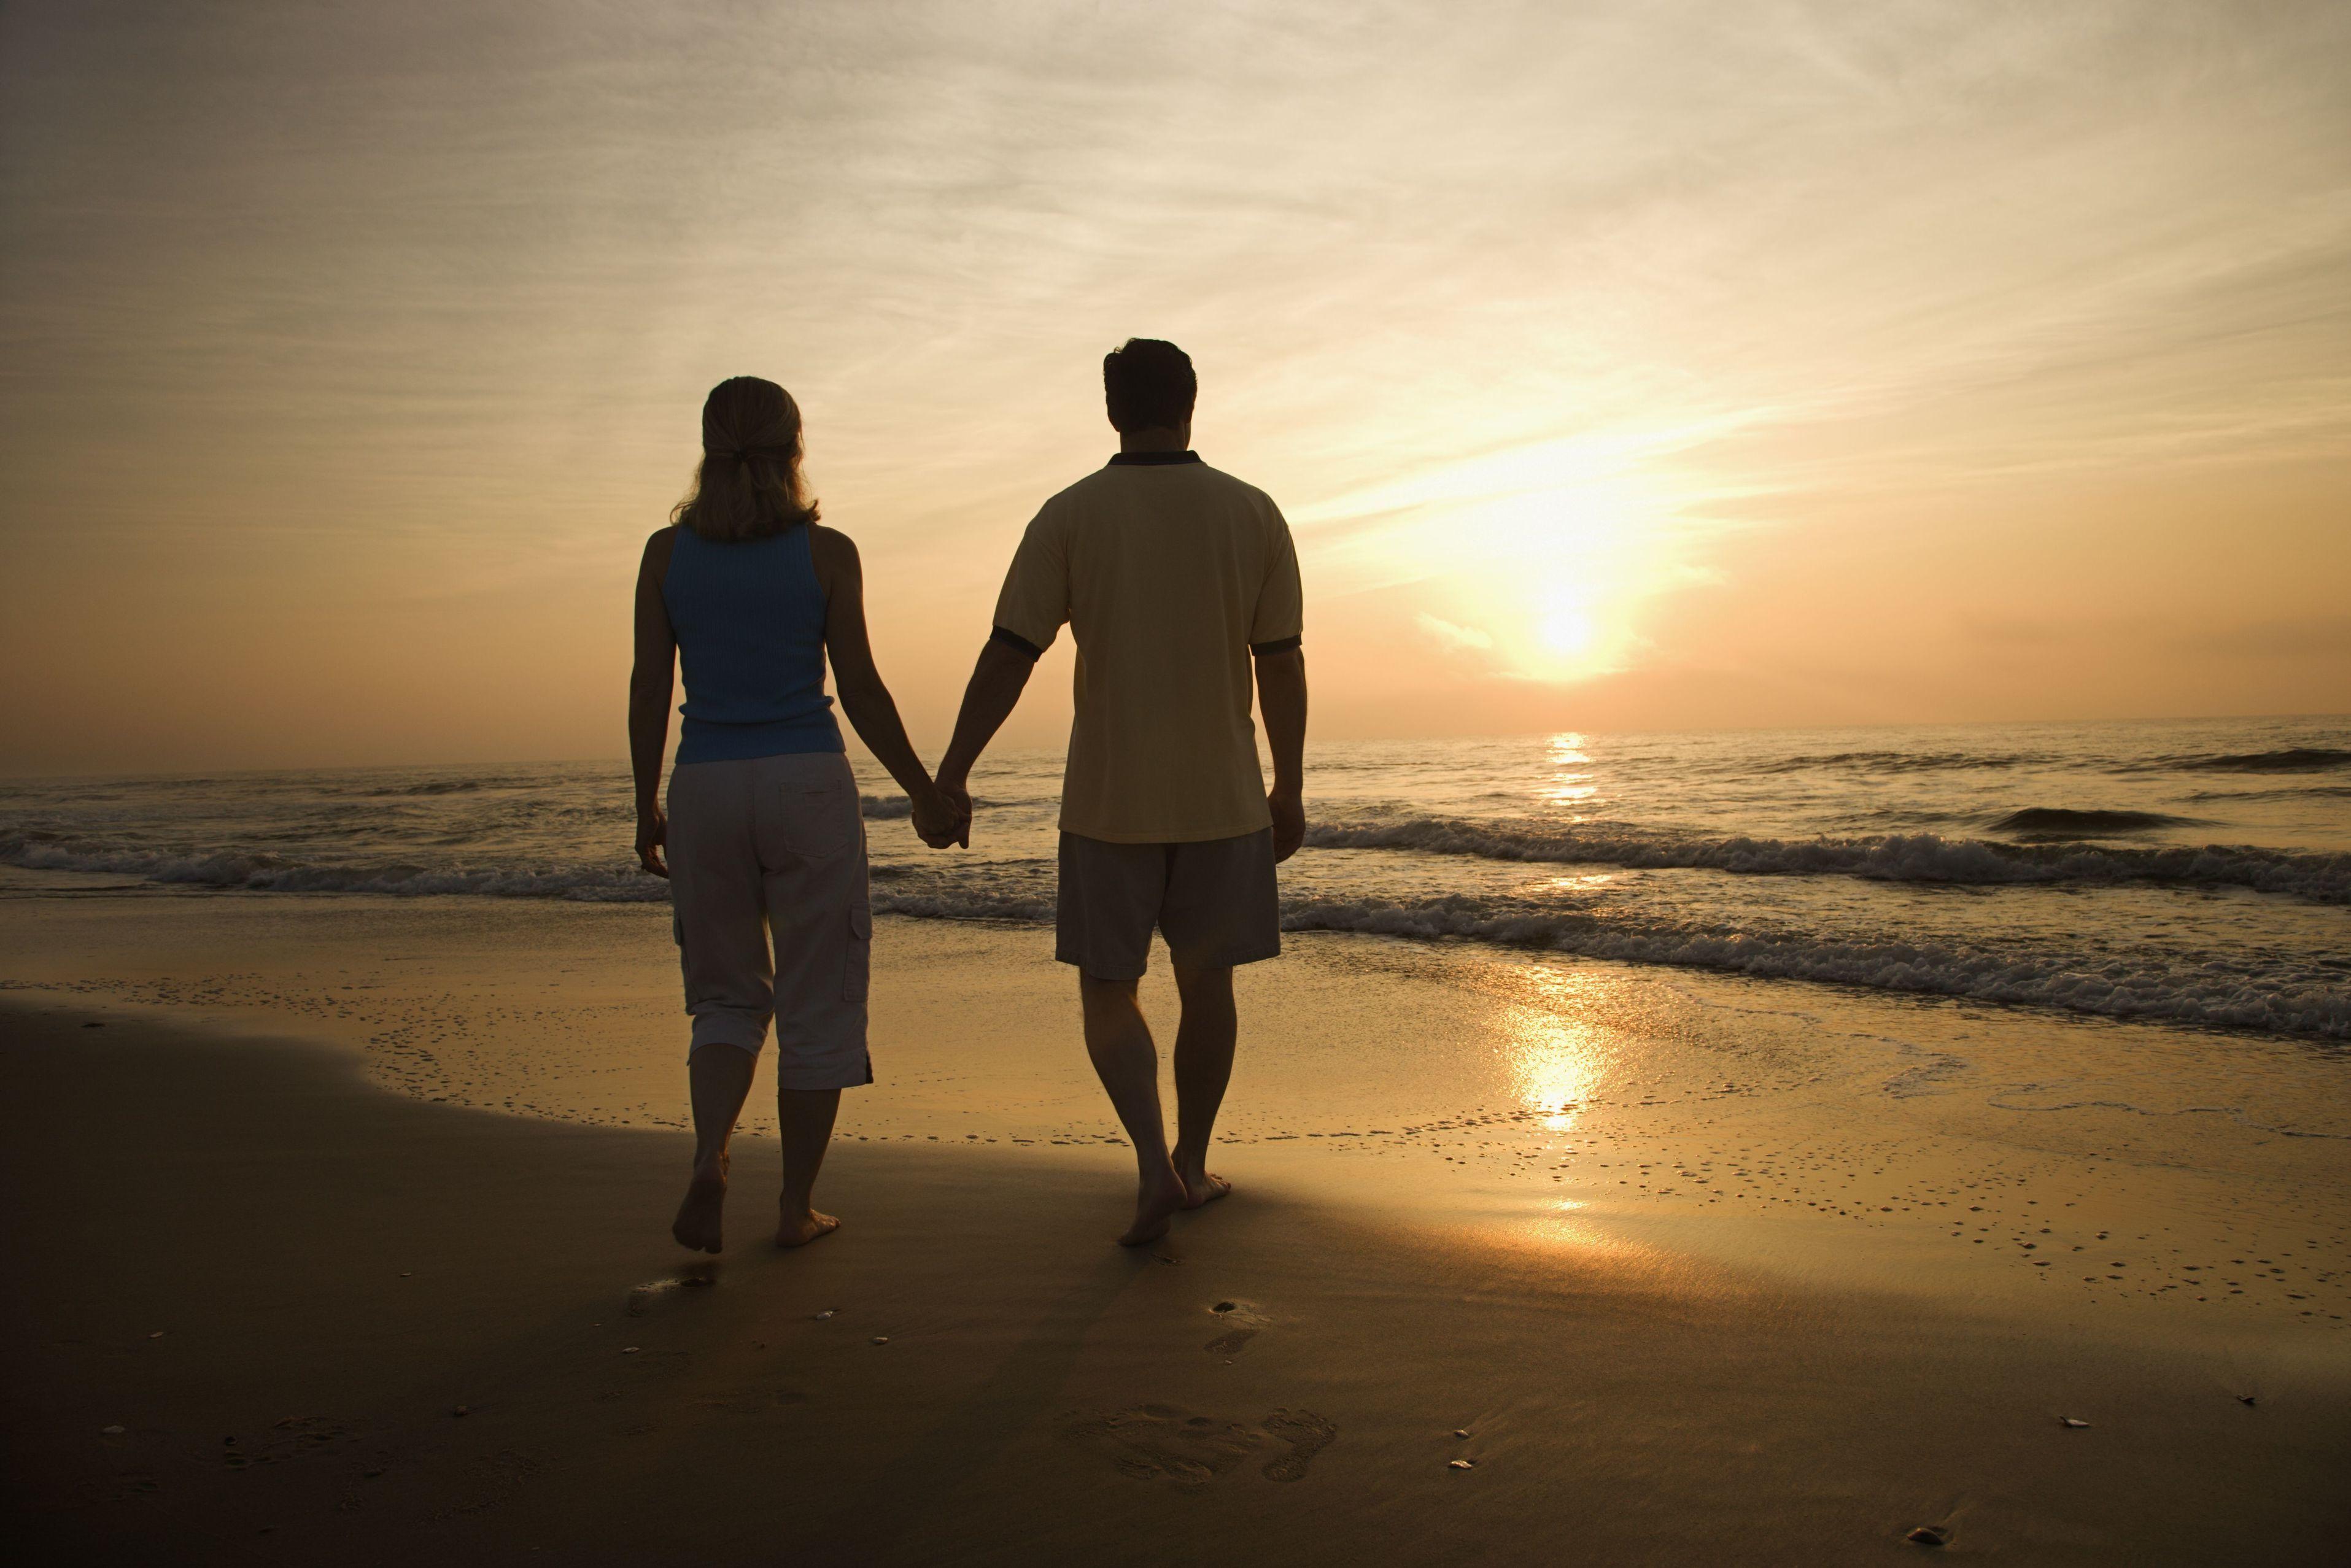 Жена гуляет по берегу, смотреть фото женских извращений